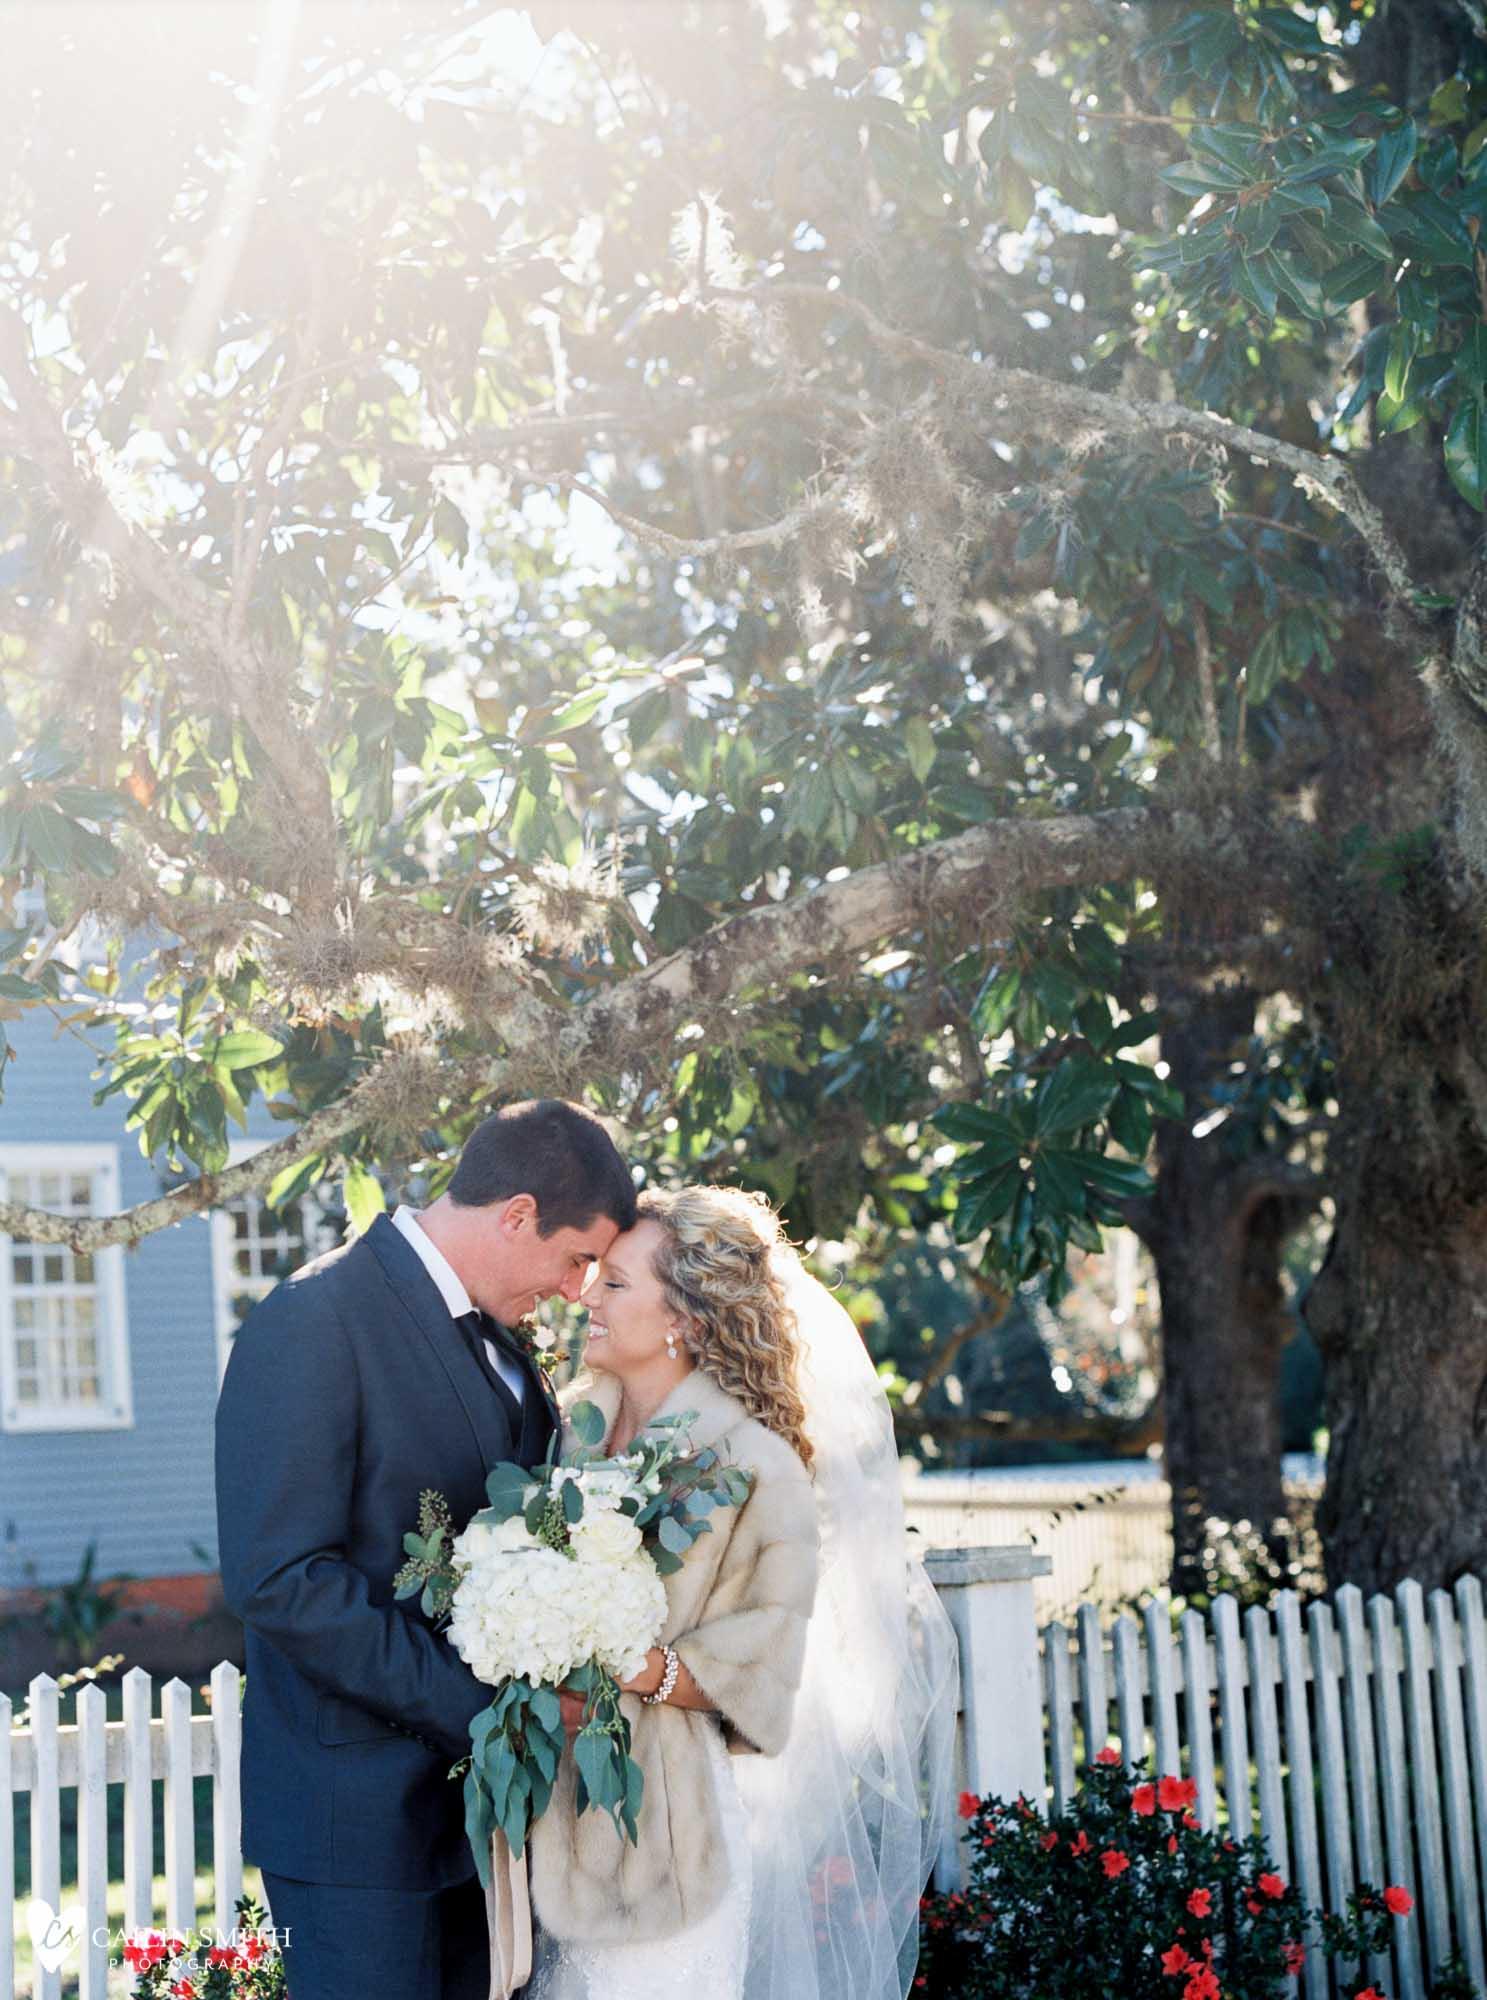 Leah_Major_St_Marys_Wedding_Photography_066.jpg